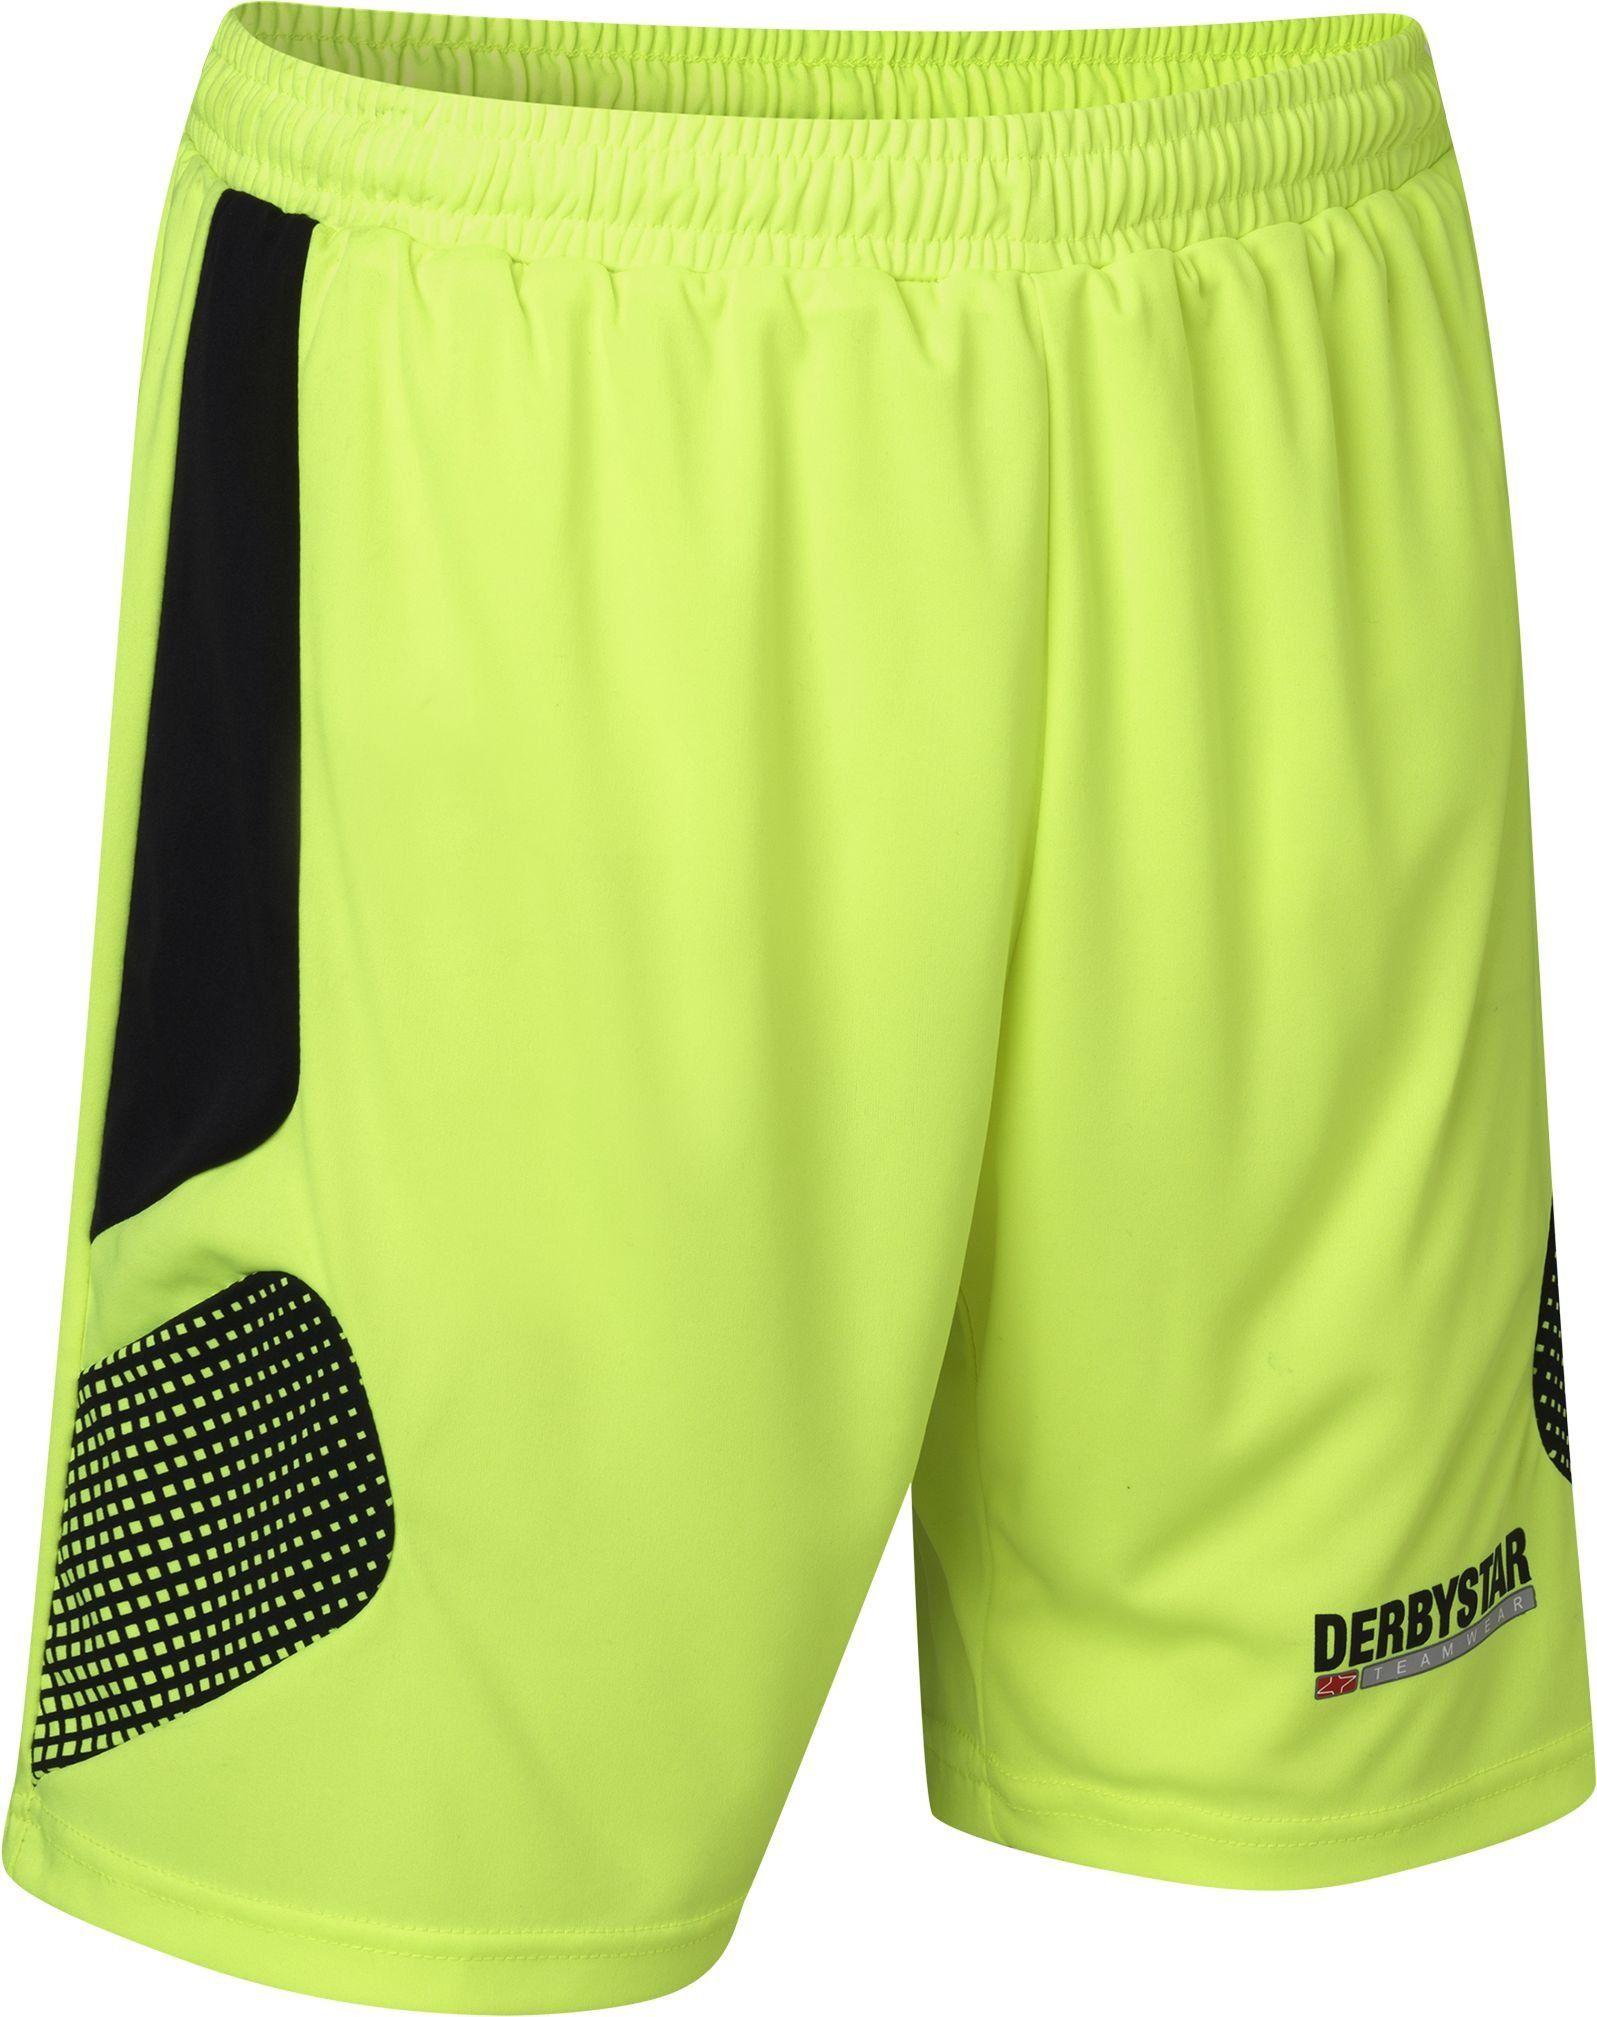 Derbystar Aponi Pro spodnie bramkarskie, XL, żółte, czarne, 6630060520